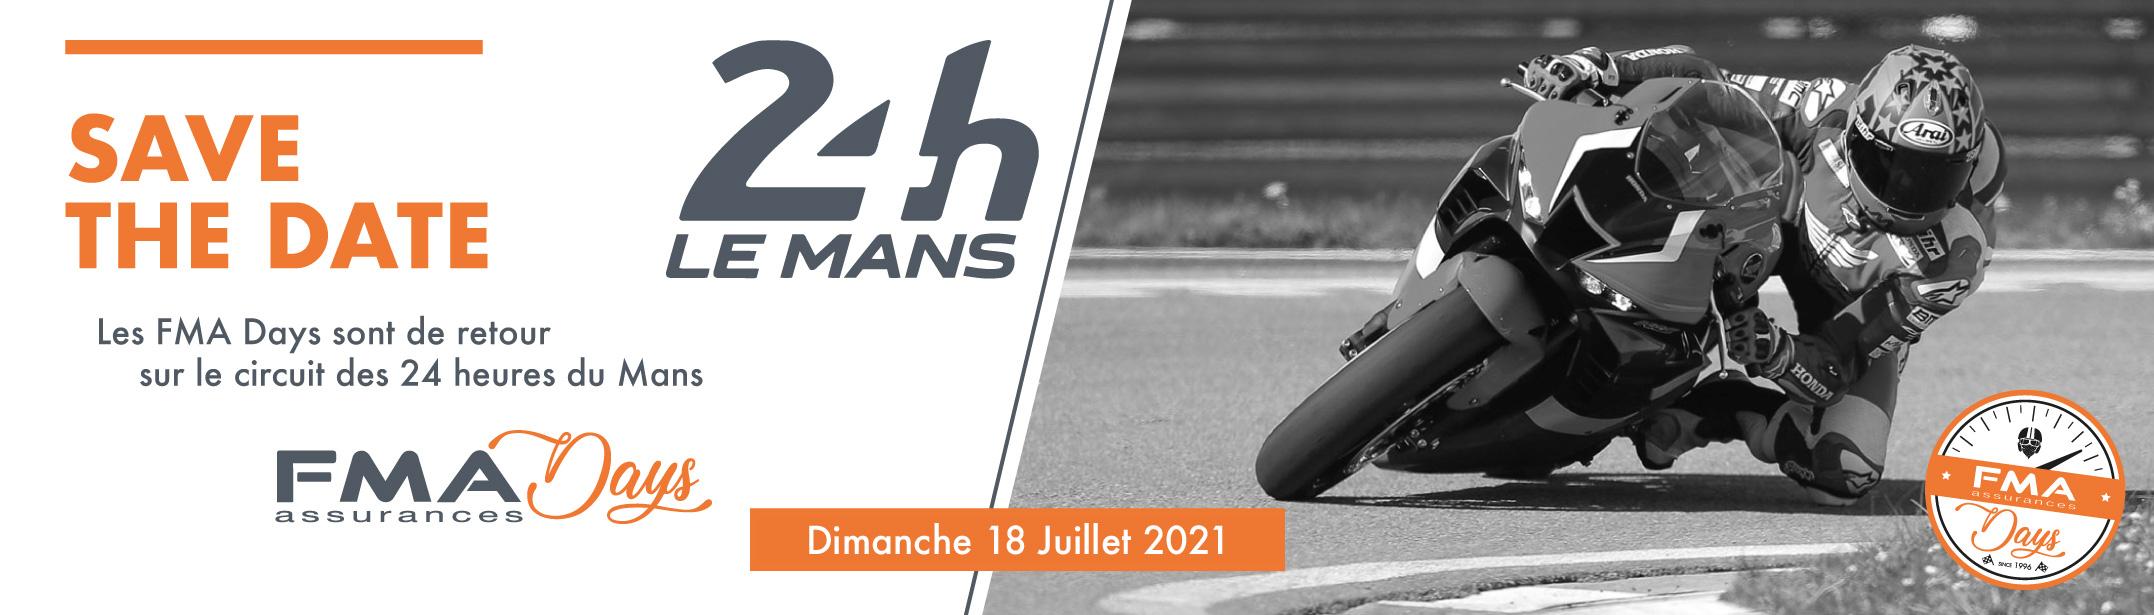 CIRCUIT DES 24 HEURES DU MANS – DIMANCHE 18 JUILLET 2021.